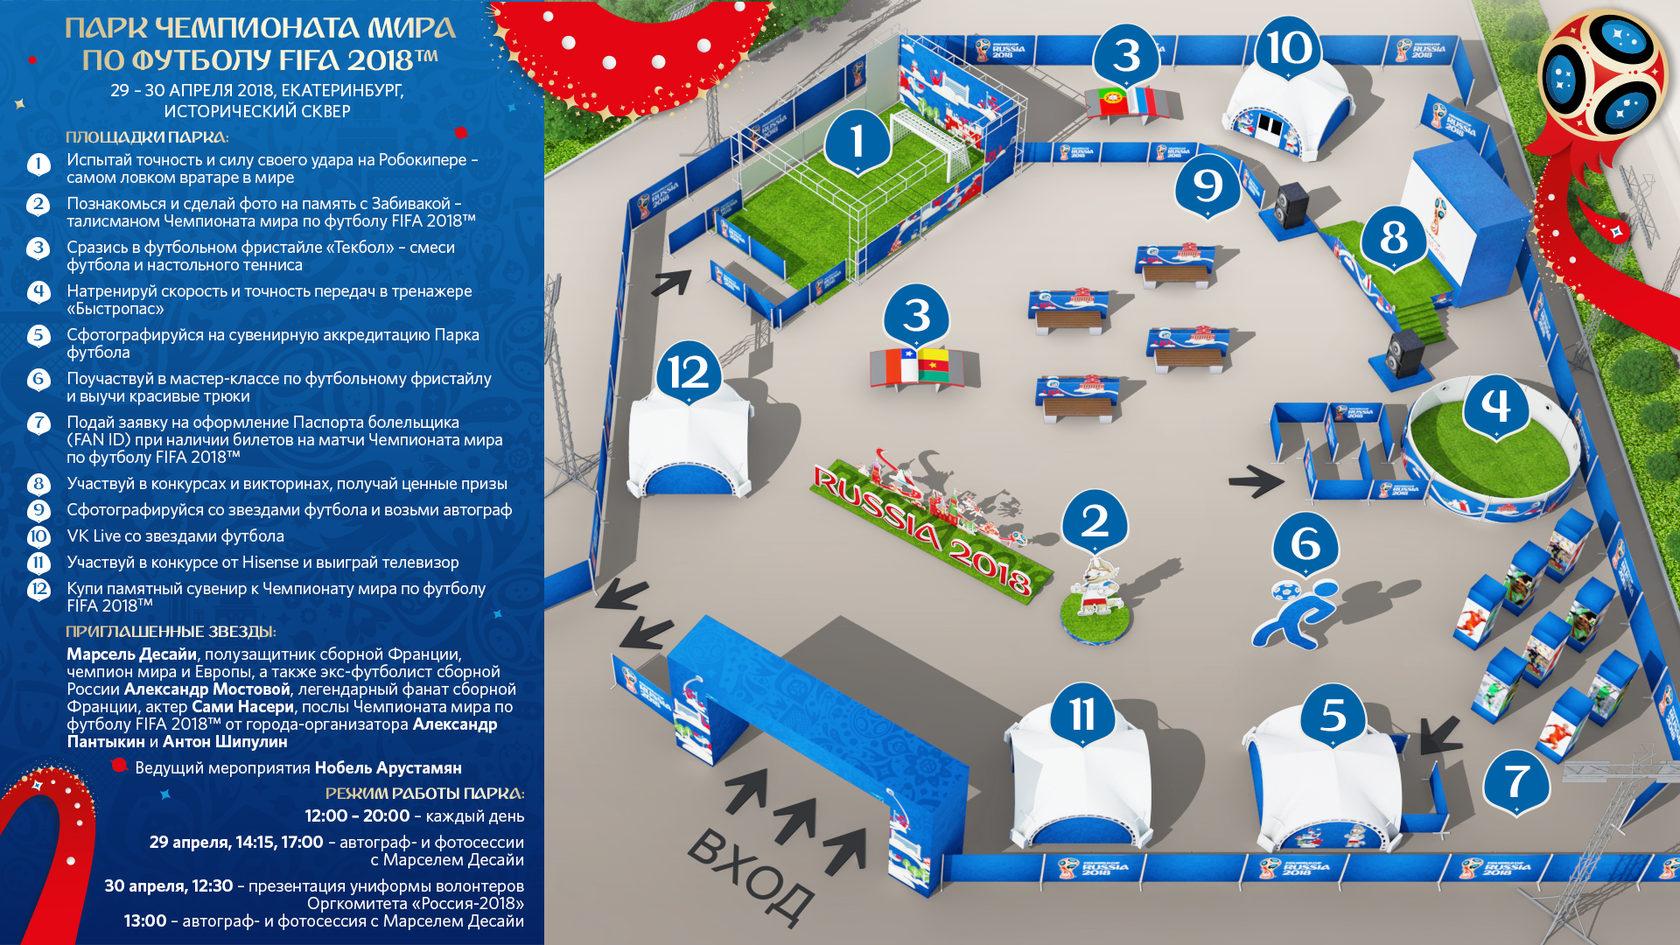 Парк футбола и отдыха в Екатеринбурге